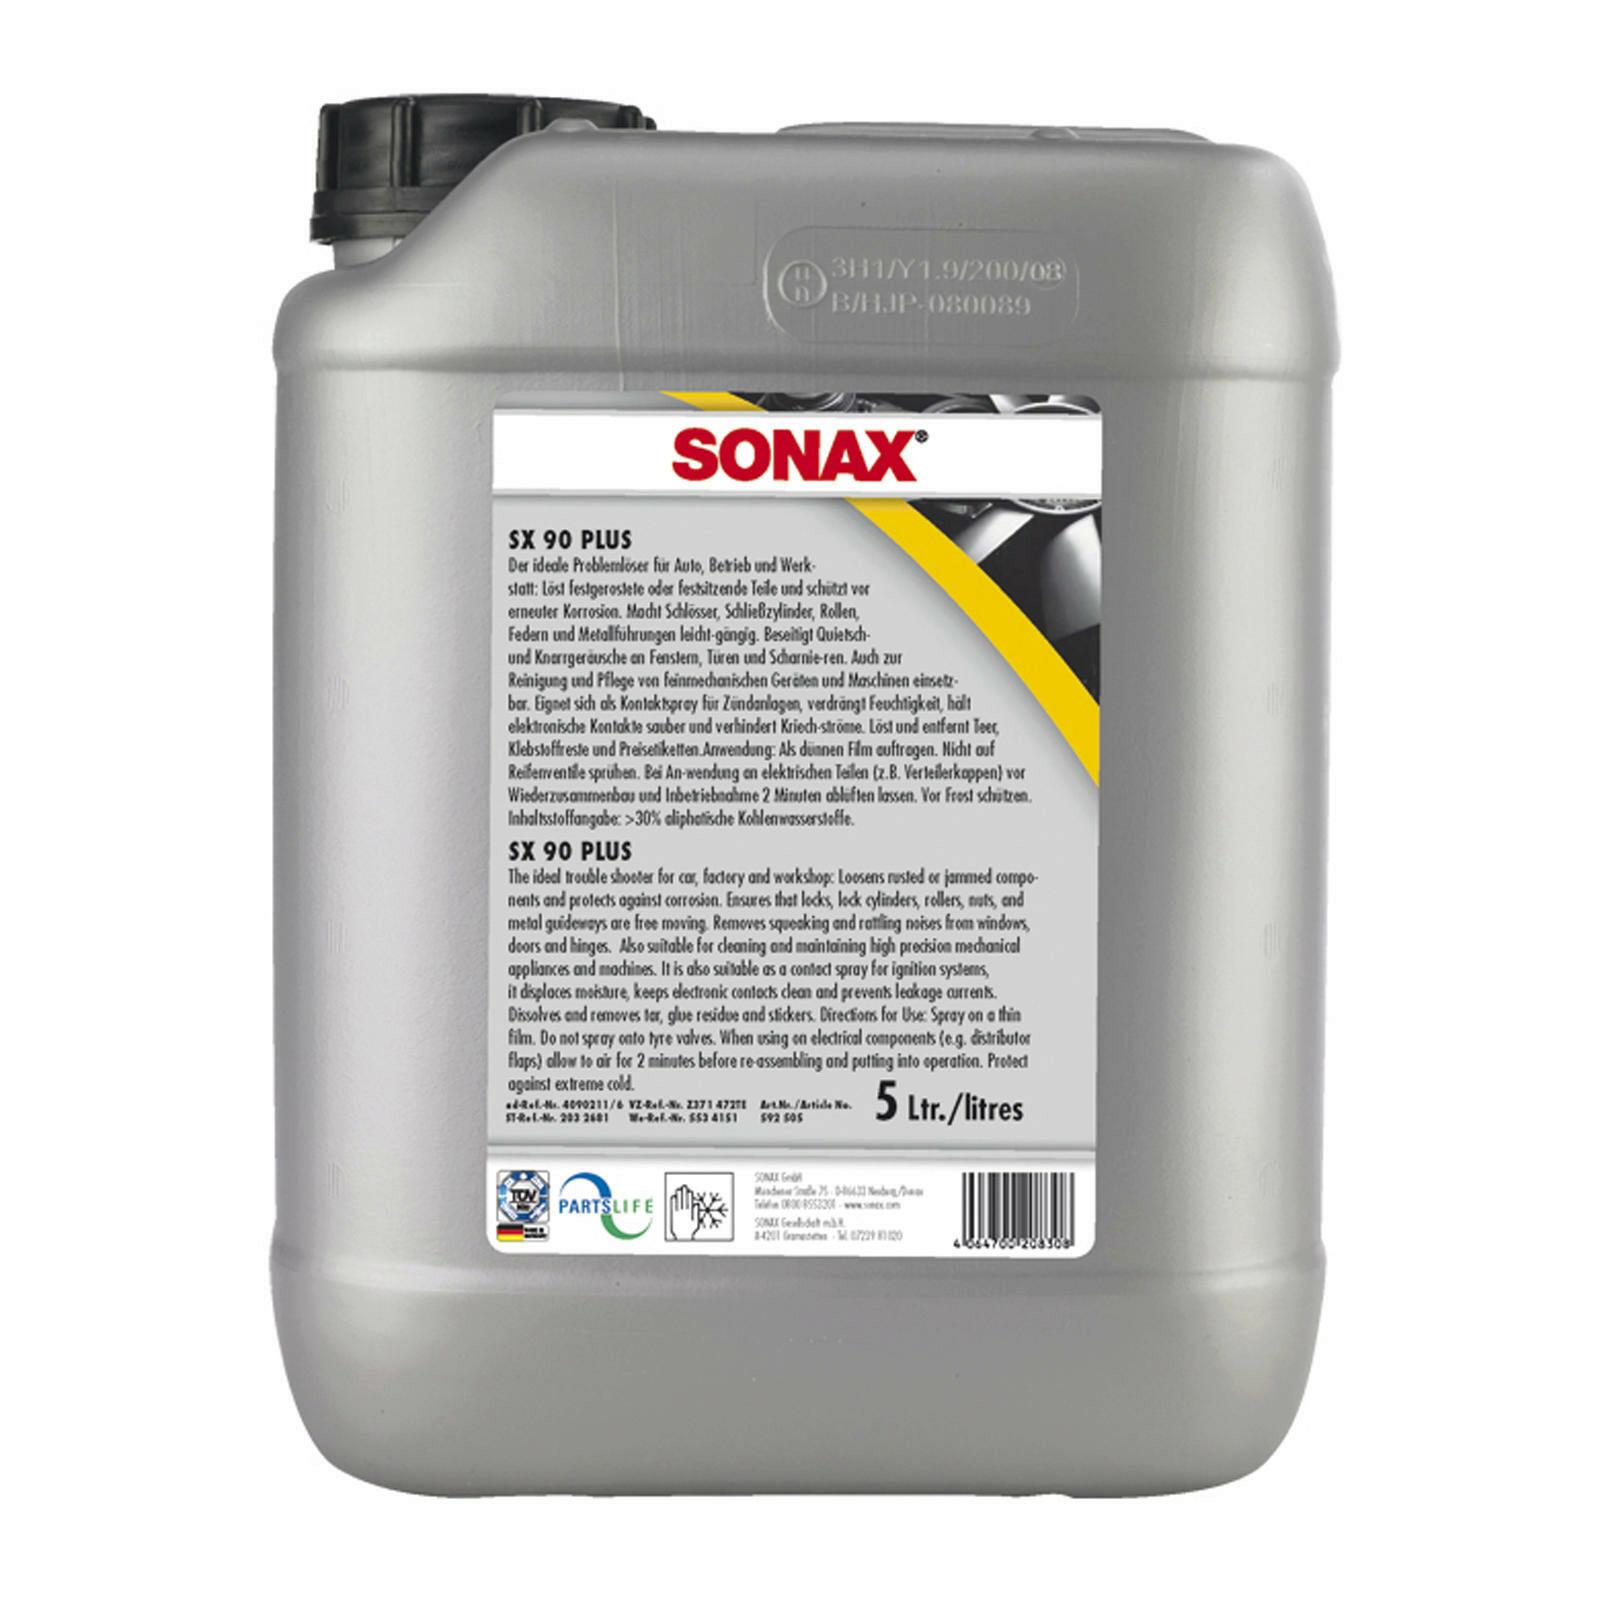 SONAX SX90 PLUS 5l